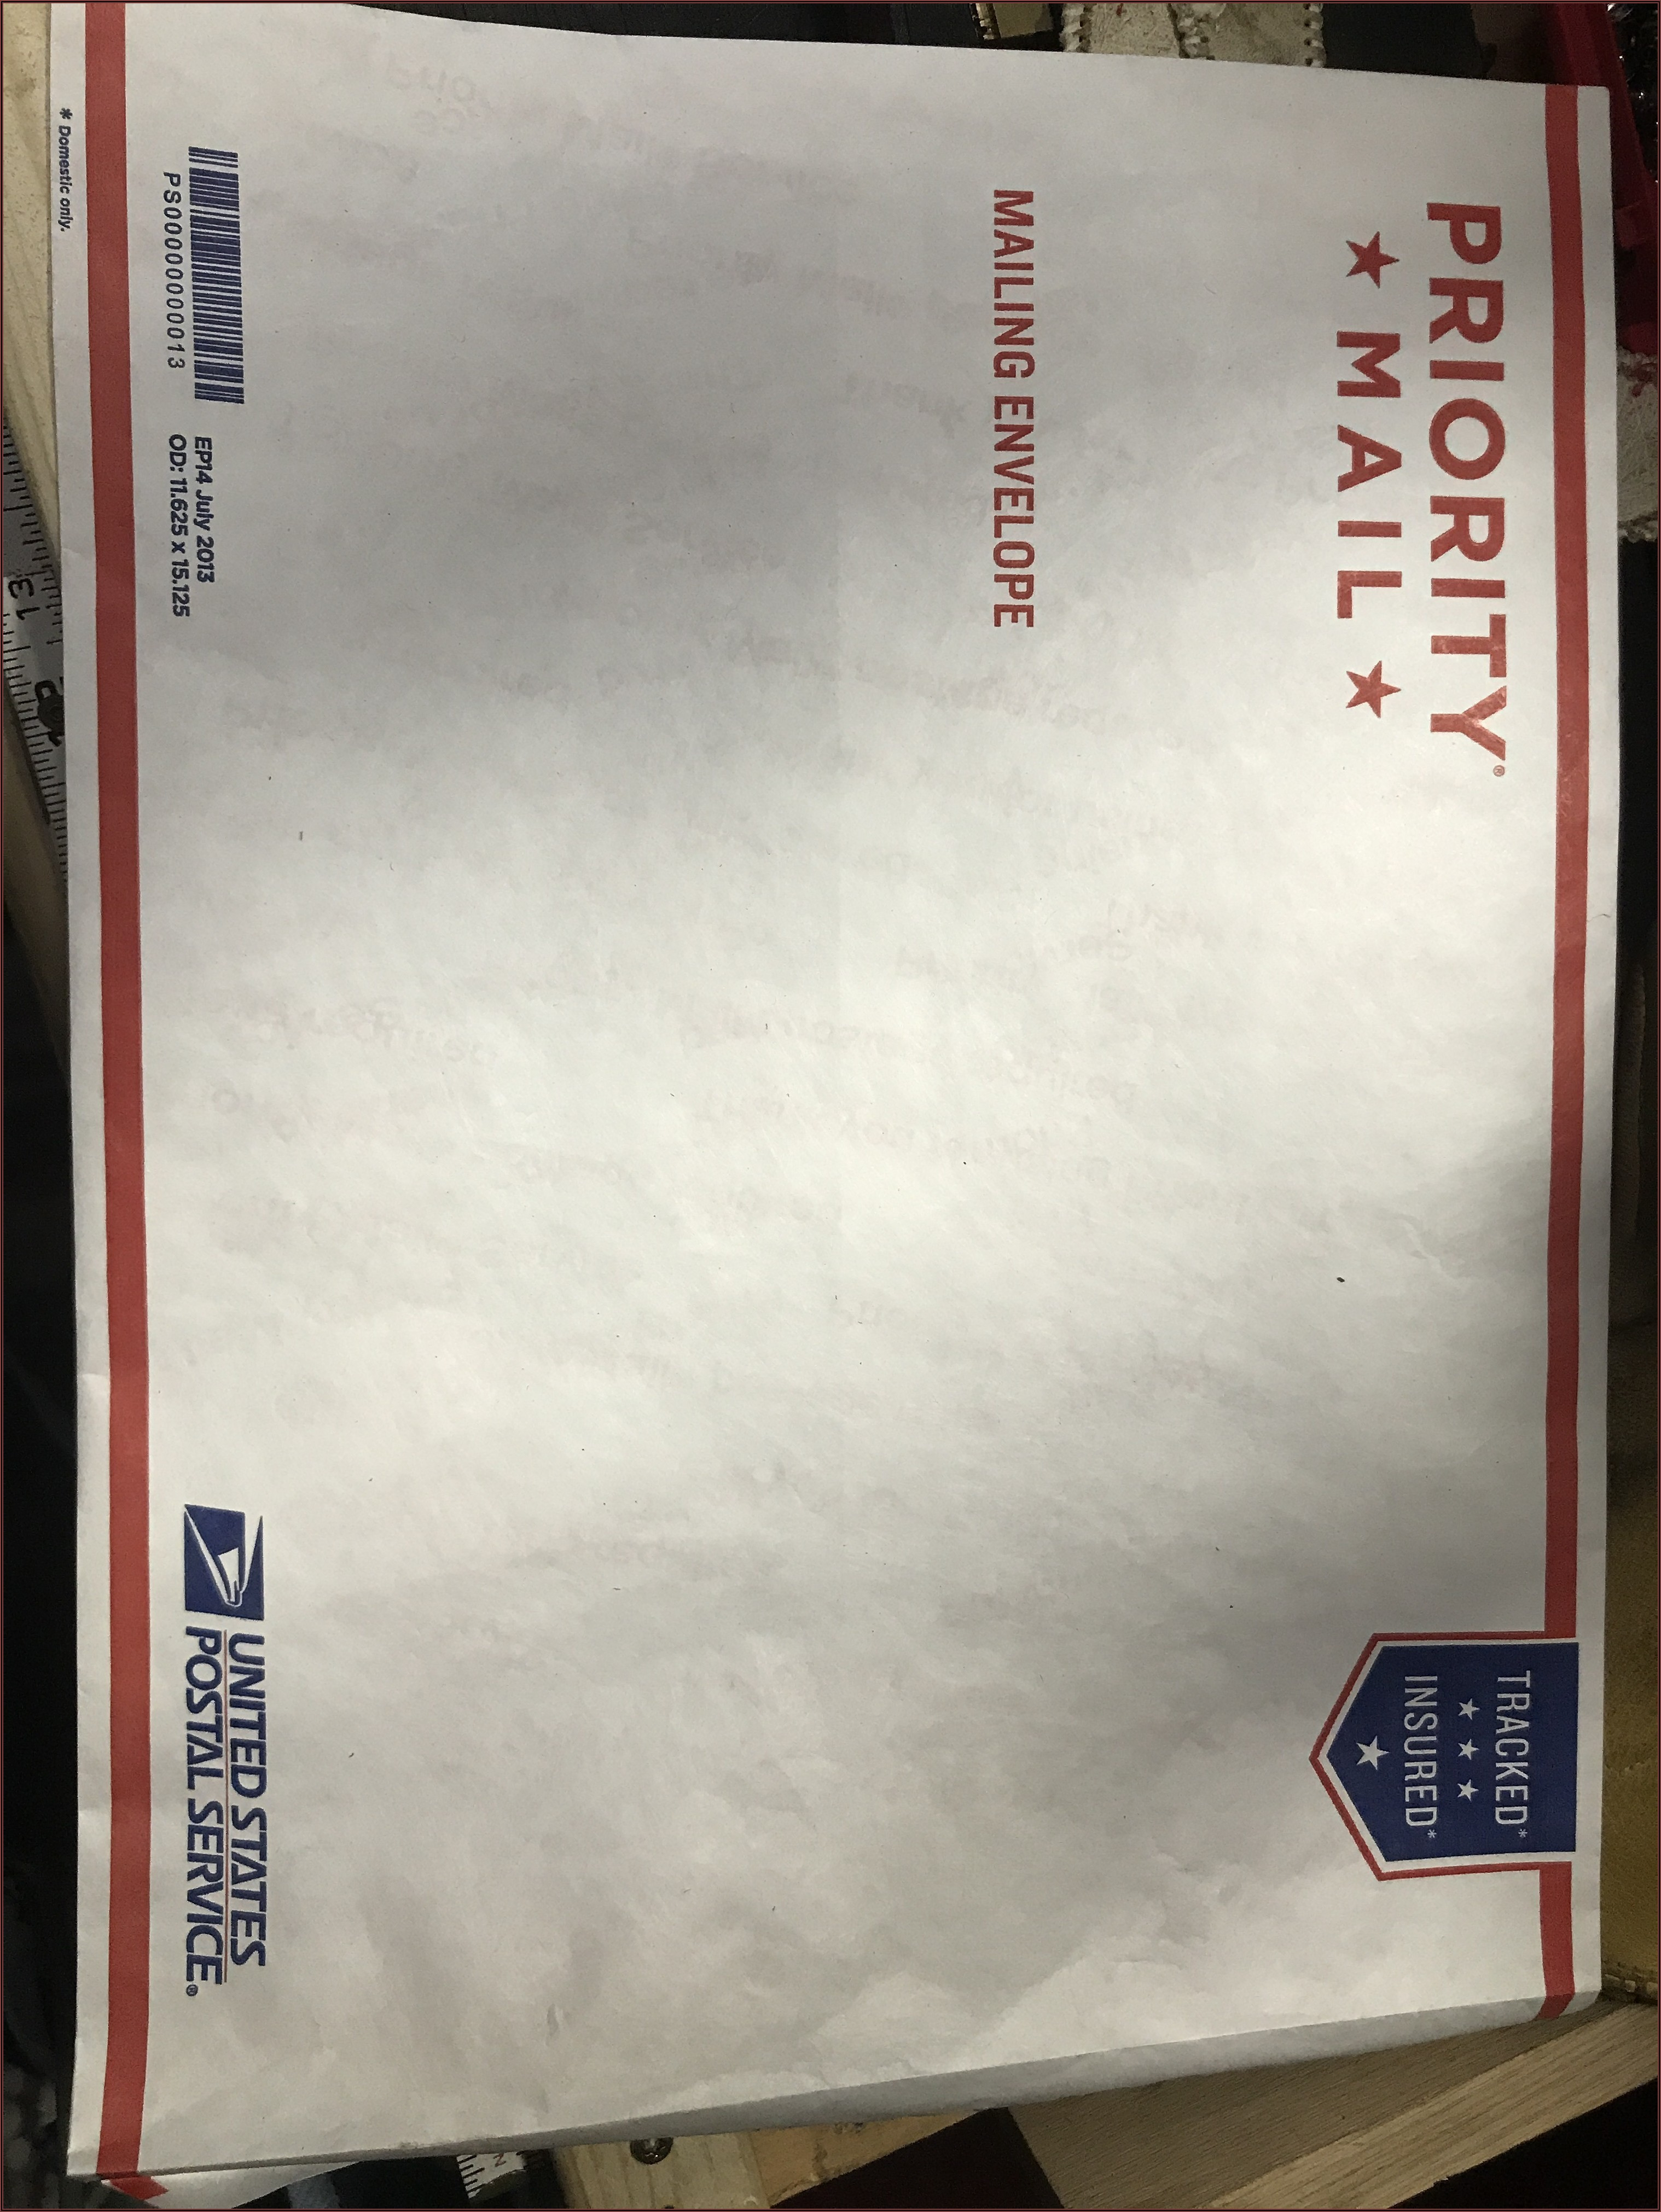 Usps Mailing Envelopes Sizes